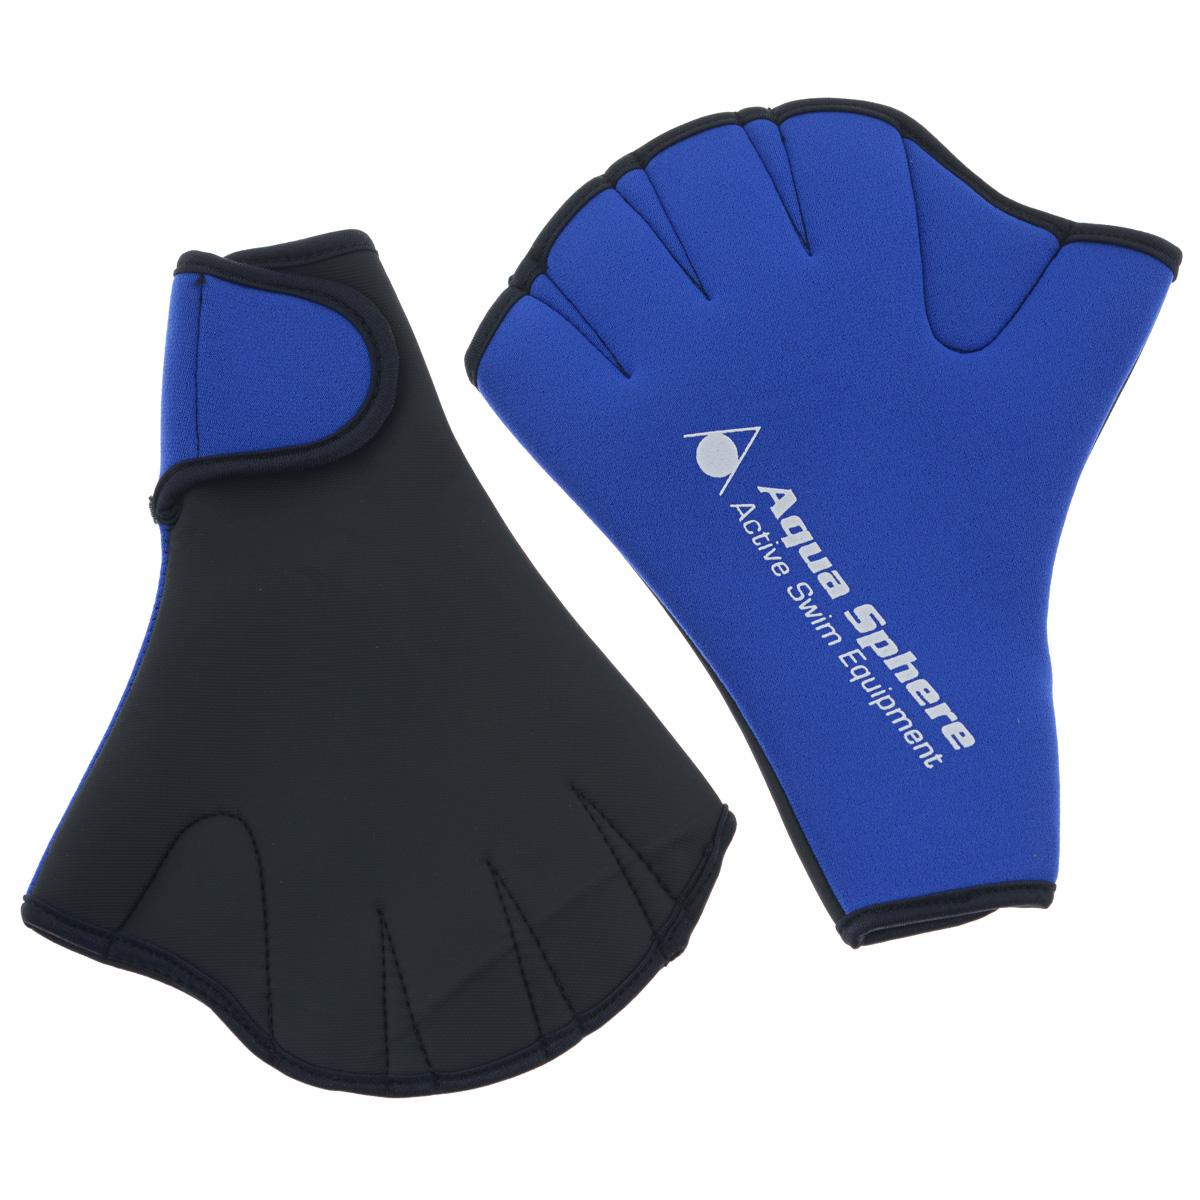 """Перчатки для плавания Aqua Sphere """"Swim Glove"""" усиливают сопротивление воды при плавании, способствуя укреплению мышц плечевого пояса. Изготовлены они из эластичного неопрена. На запястье для надежной фиксации присутствует застежка-липучка."""